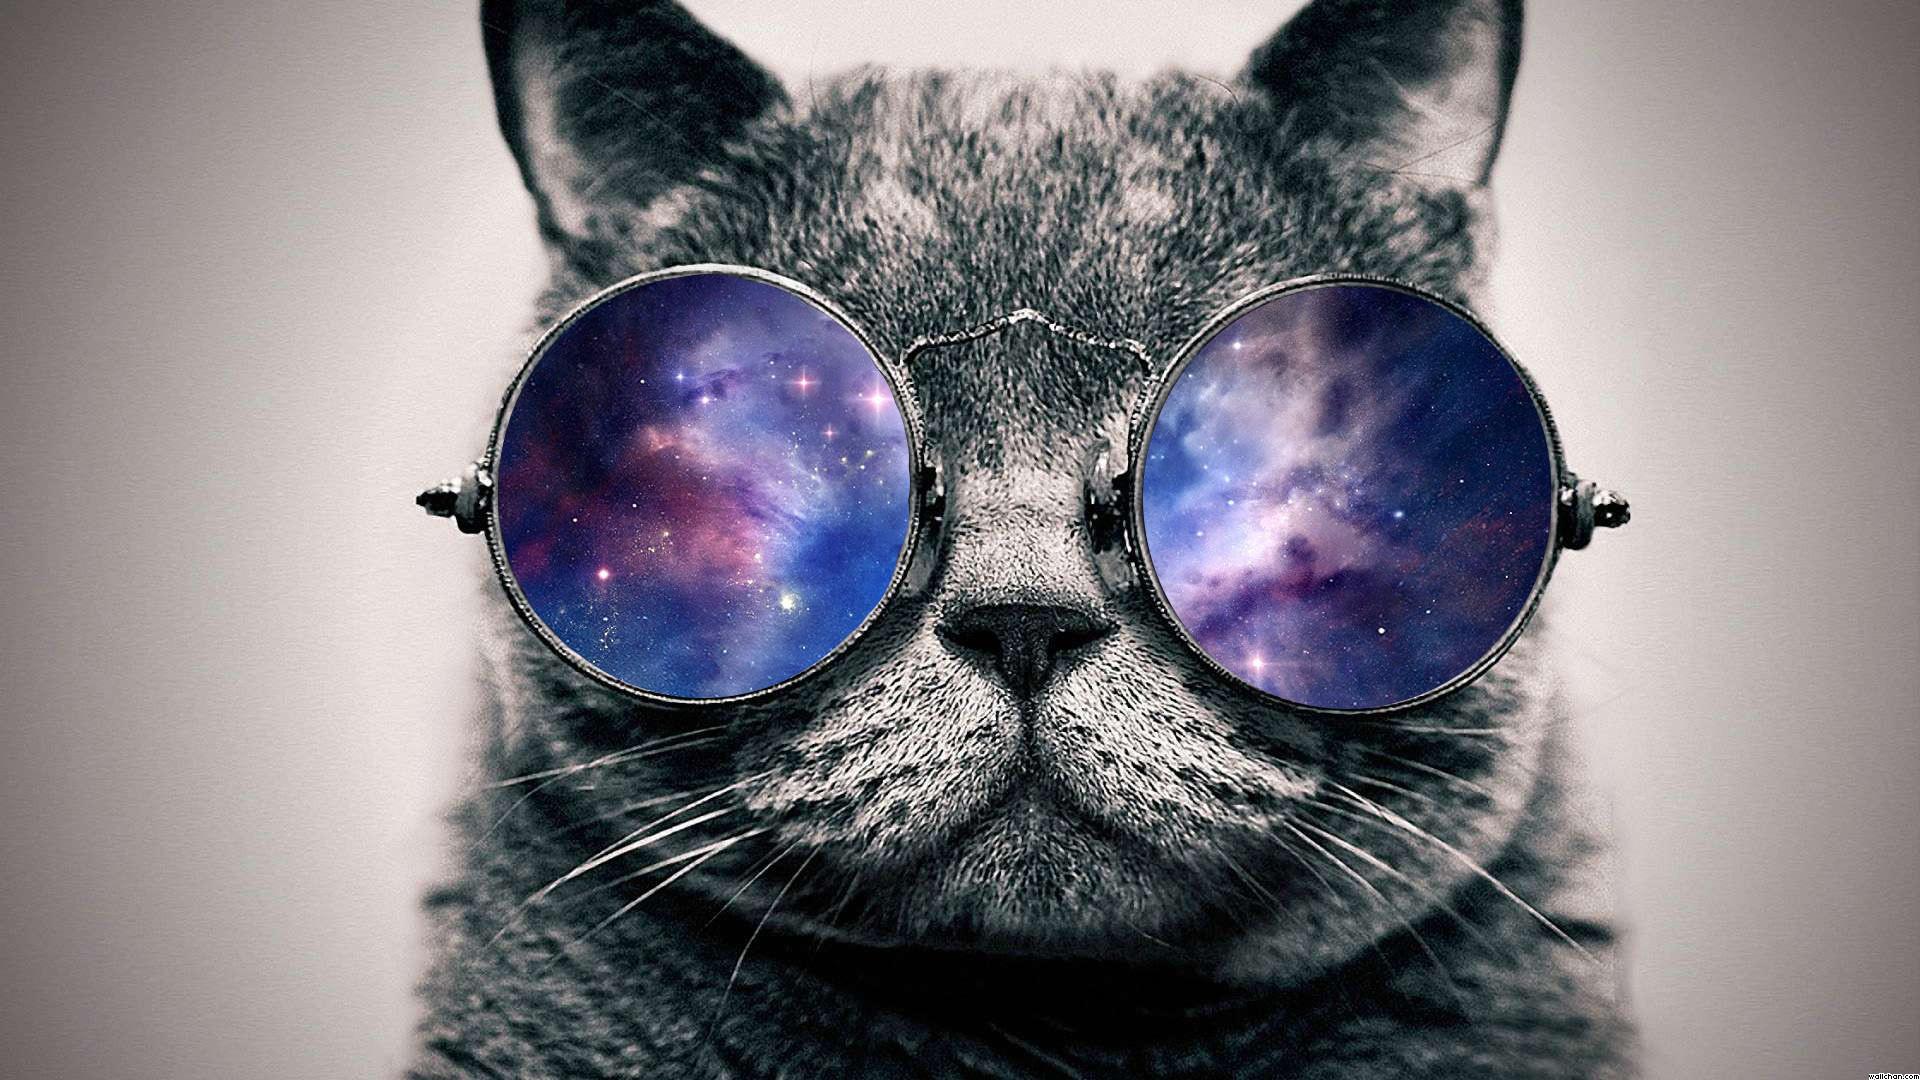 Epic cat